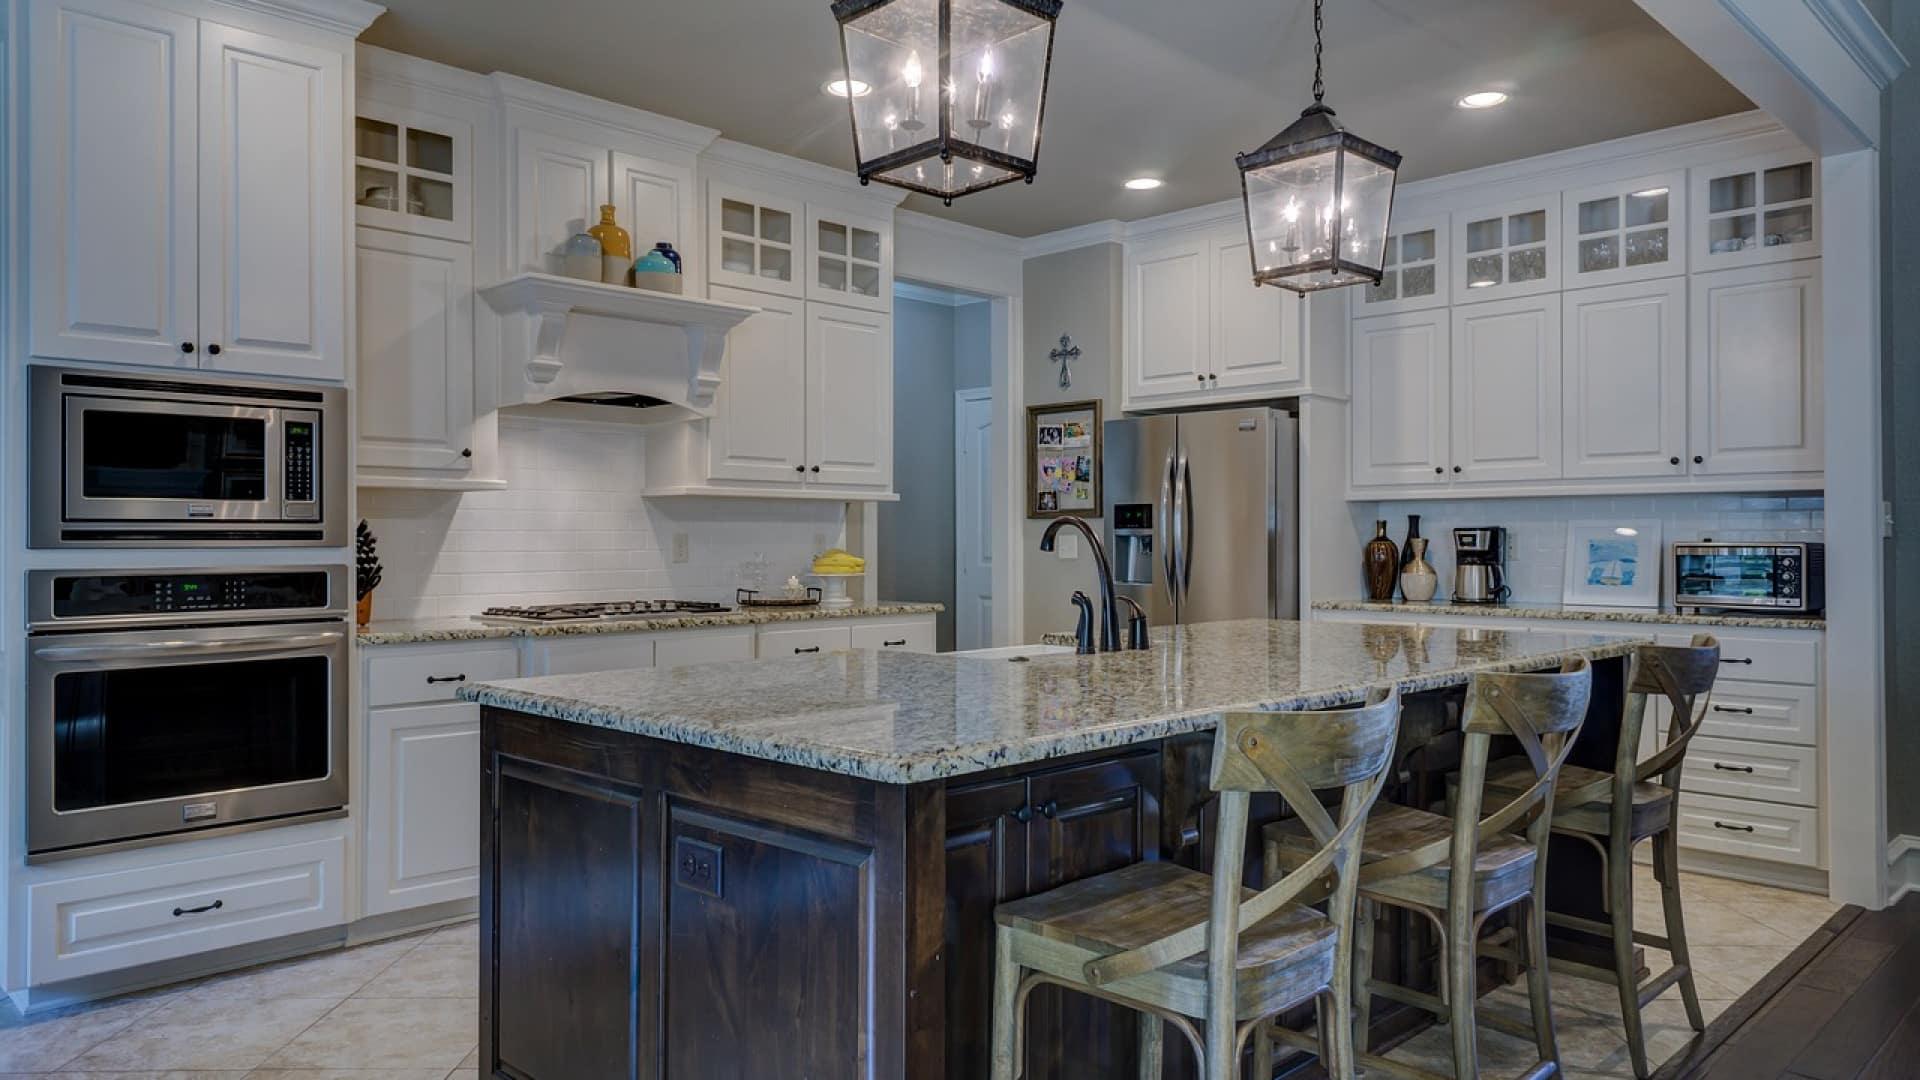 Comment aménager sa cuisine dans une maison neuve ?